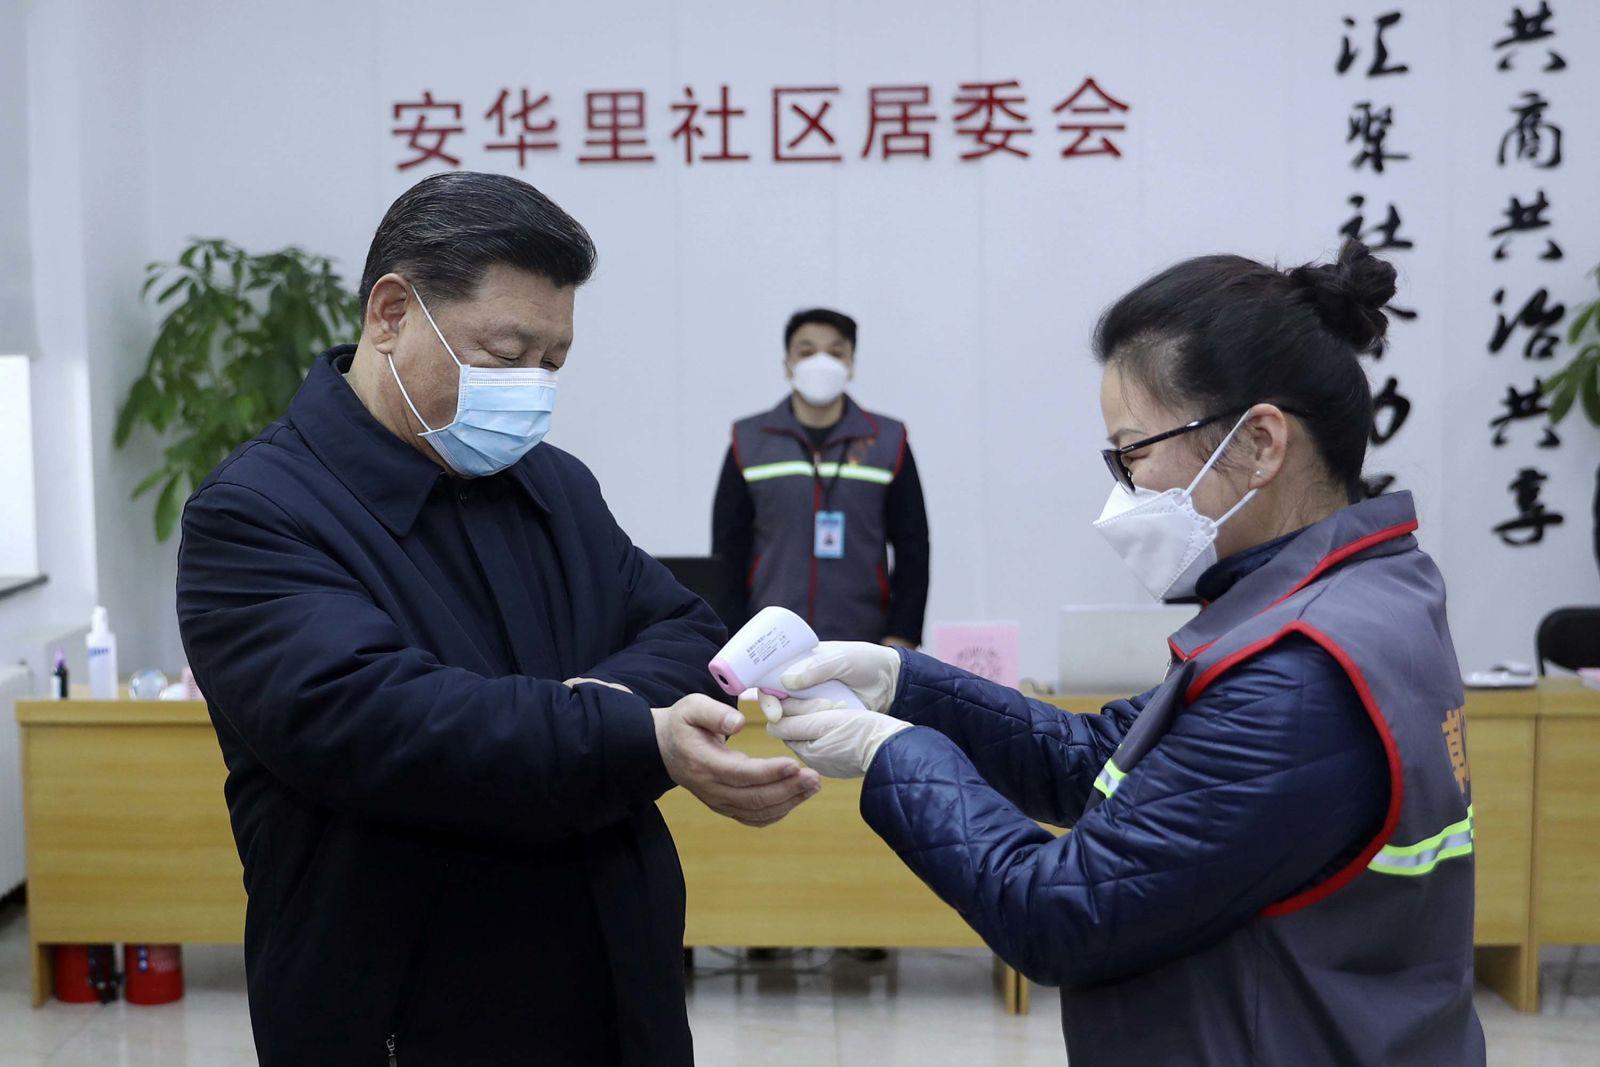 Loạt ảnh ấn tượng về cách Trung Quốc đối phó với đại dịch corona - Ảnh 8.